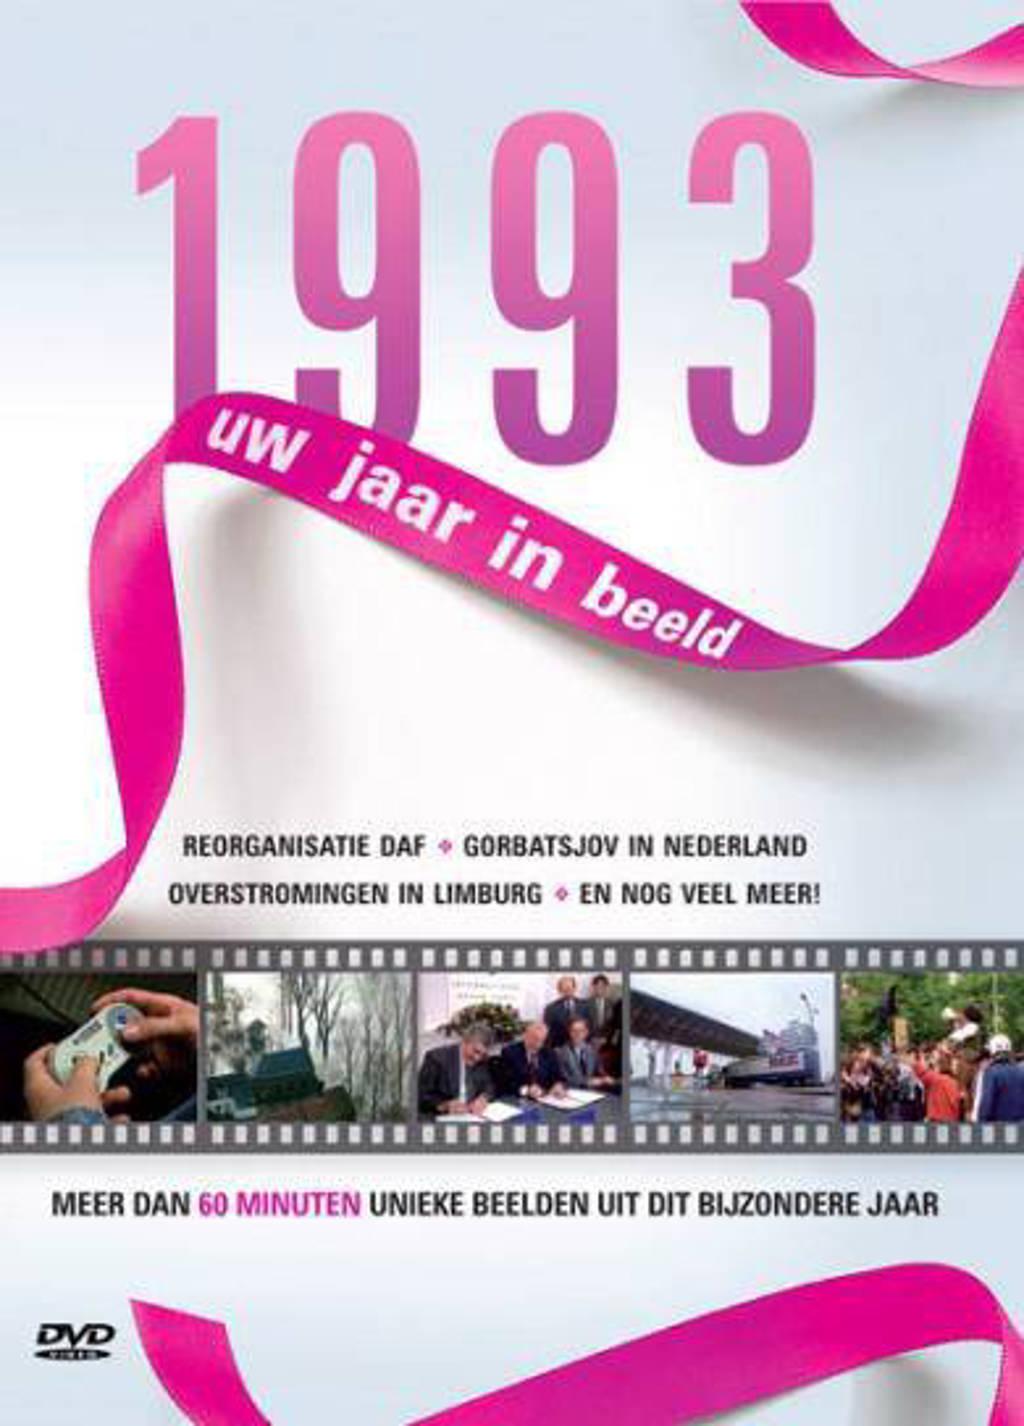 1993 Uw jaar in beeld (DVD)